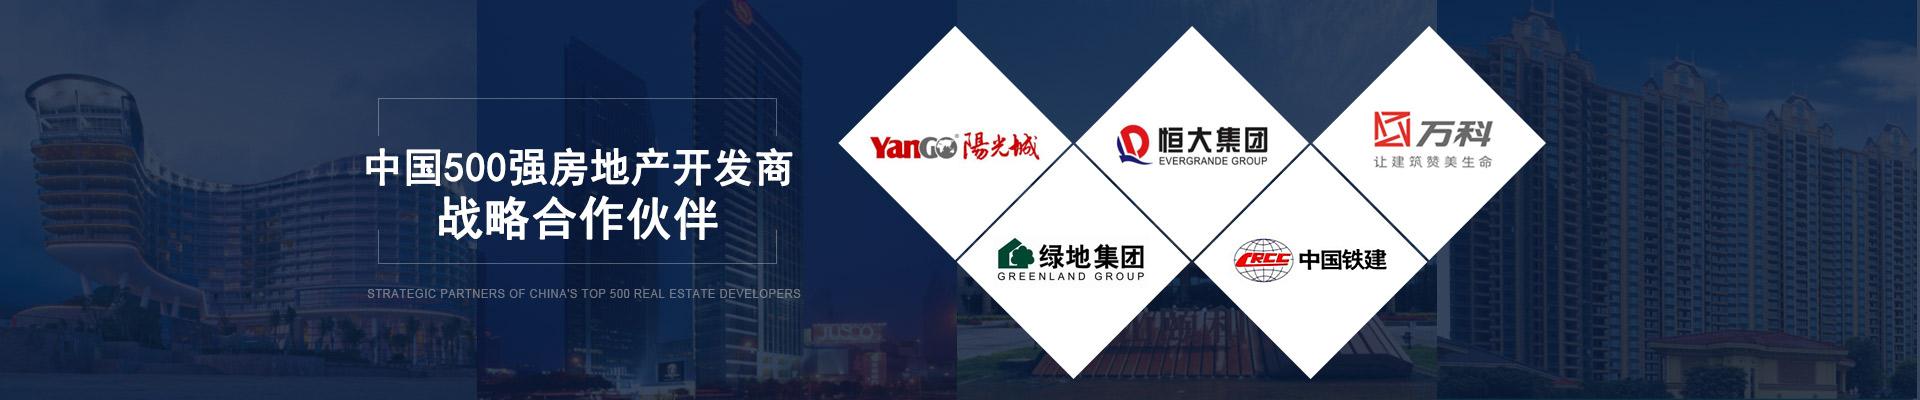 广田涂料-中国500强房地产开发商战略合作伙伴